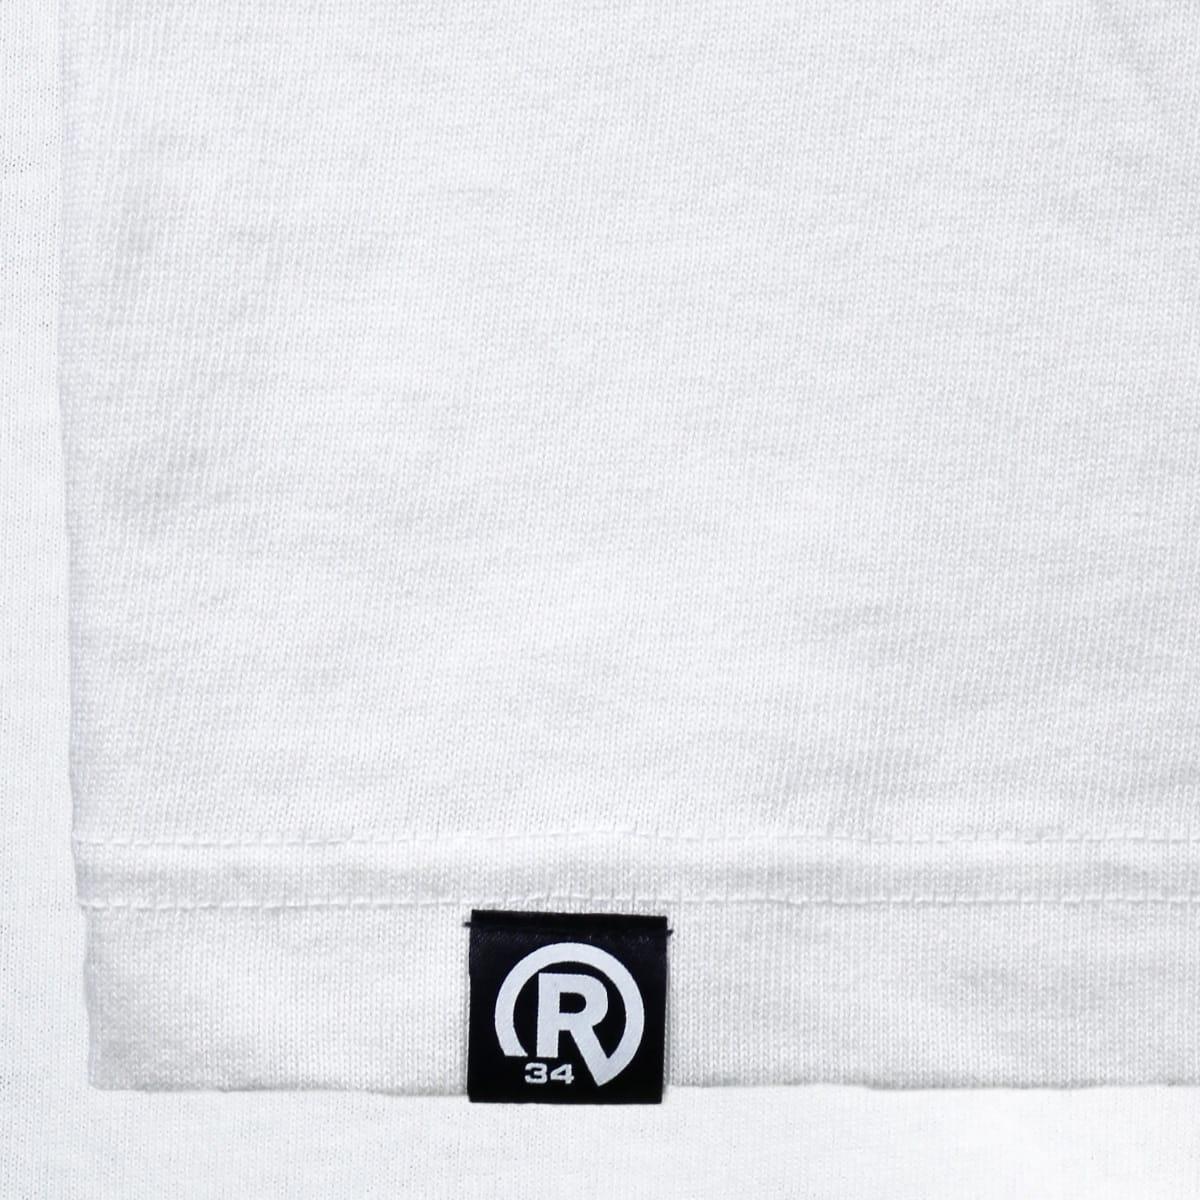 BASIC R34 LOGO T-SHIRT